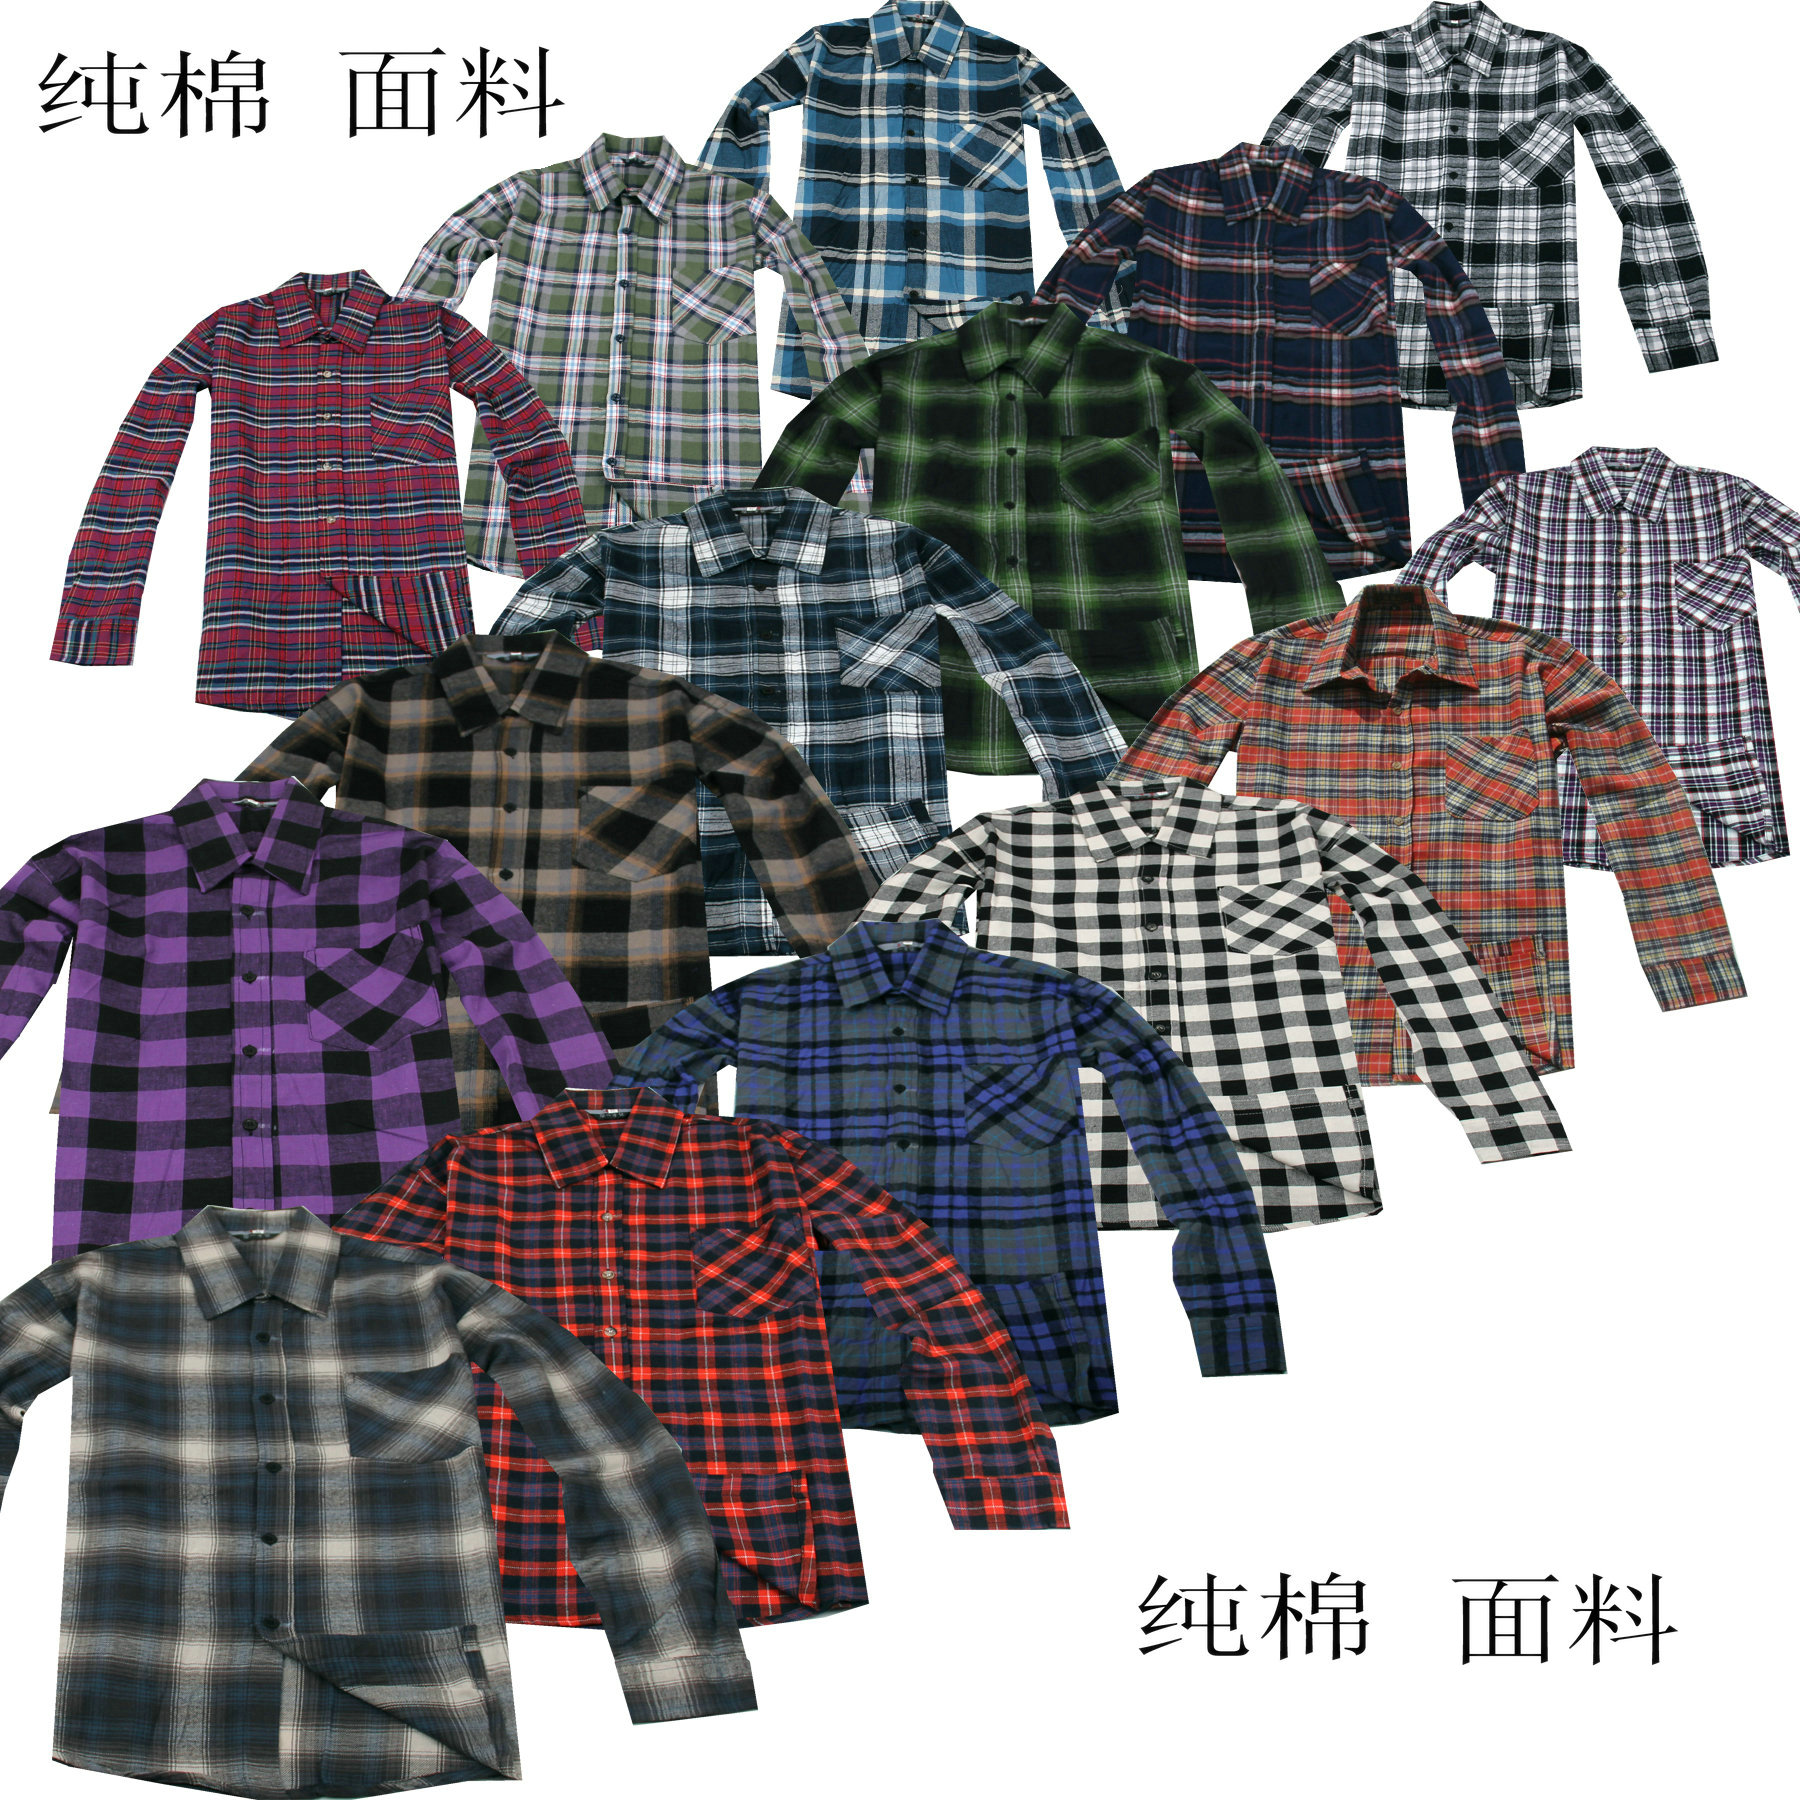 Рубашка мужская Other 2013 Ткань в клетку Разное Длинные рукава ( рукава > 57см )